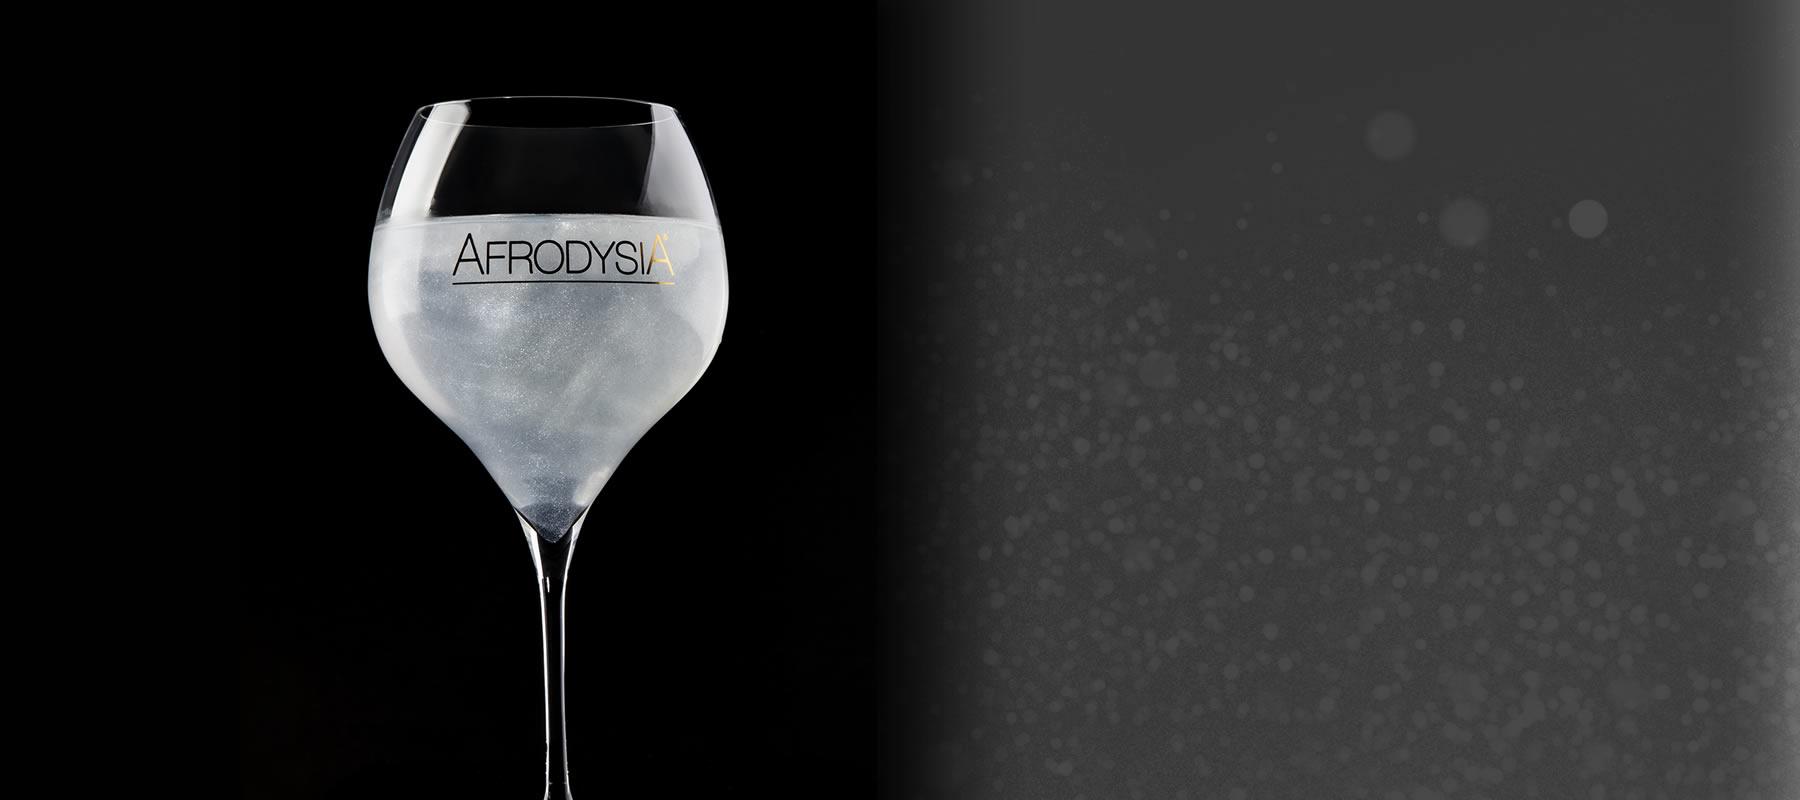 <strong>Italian Silver Tonic Water</strong>  La sua composizione unica abbinata a scintille argentate ne fanno l